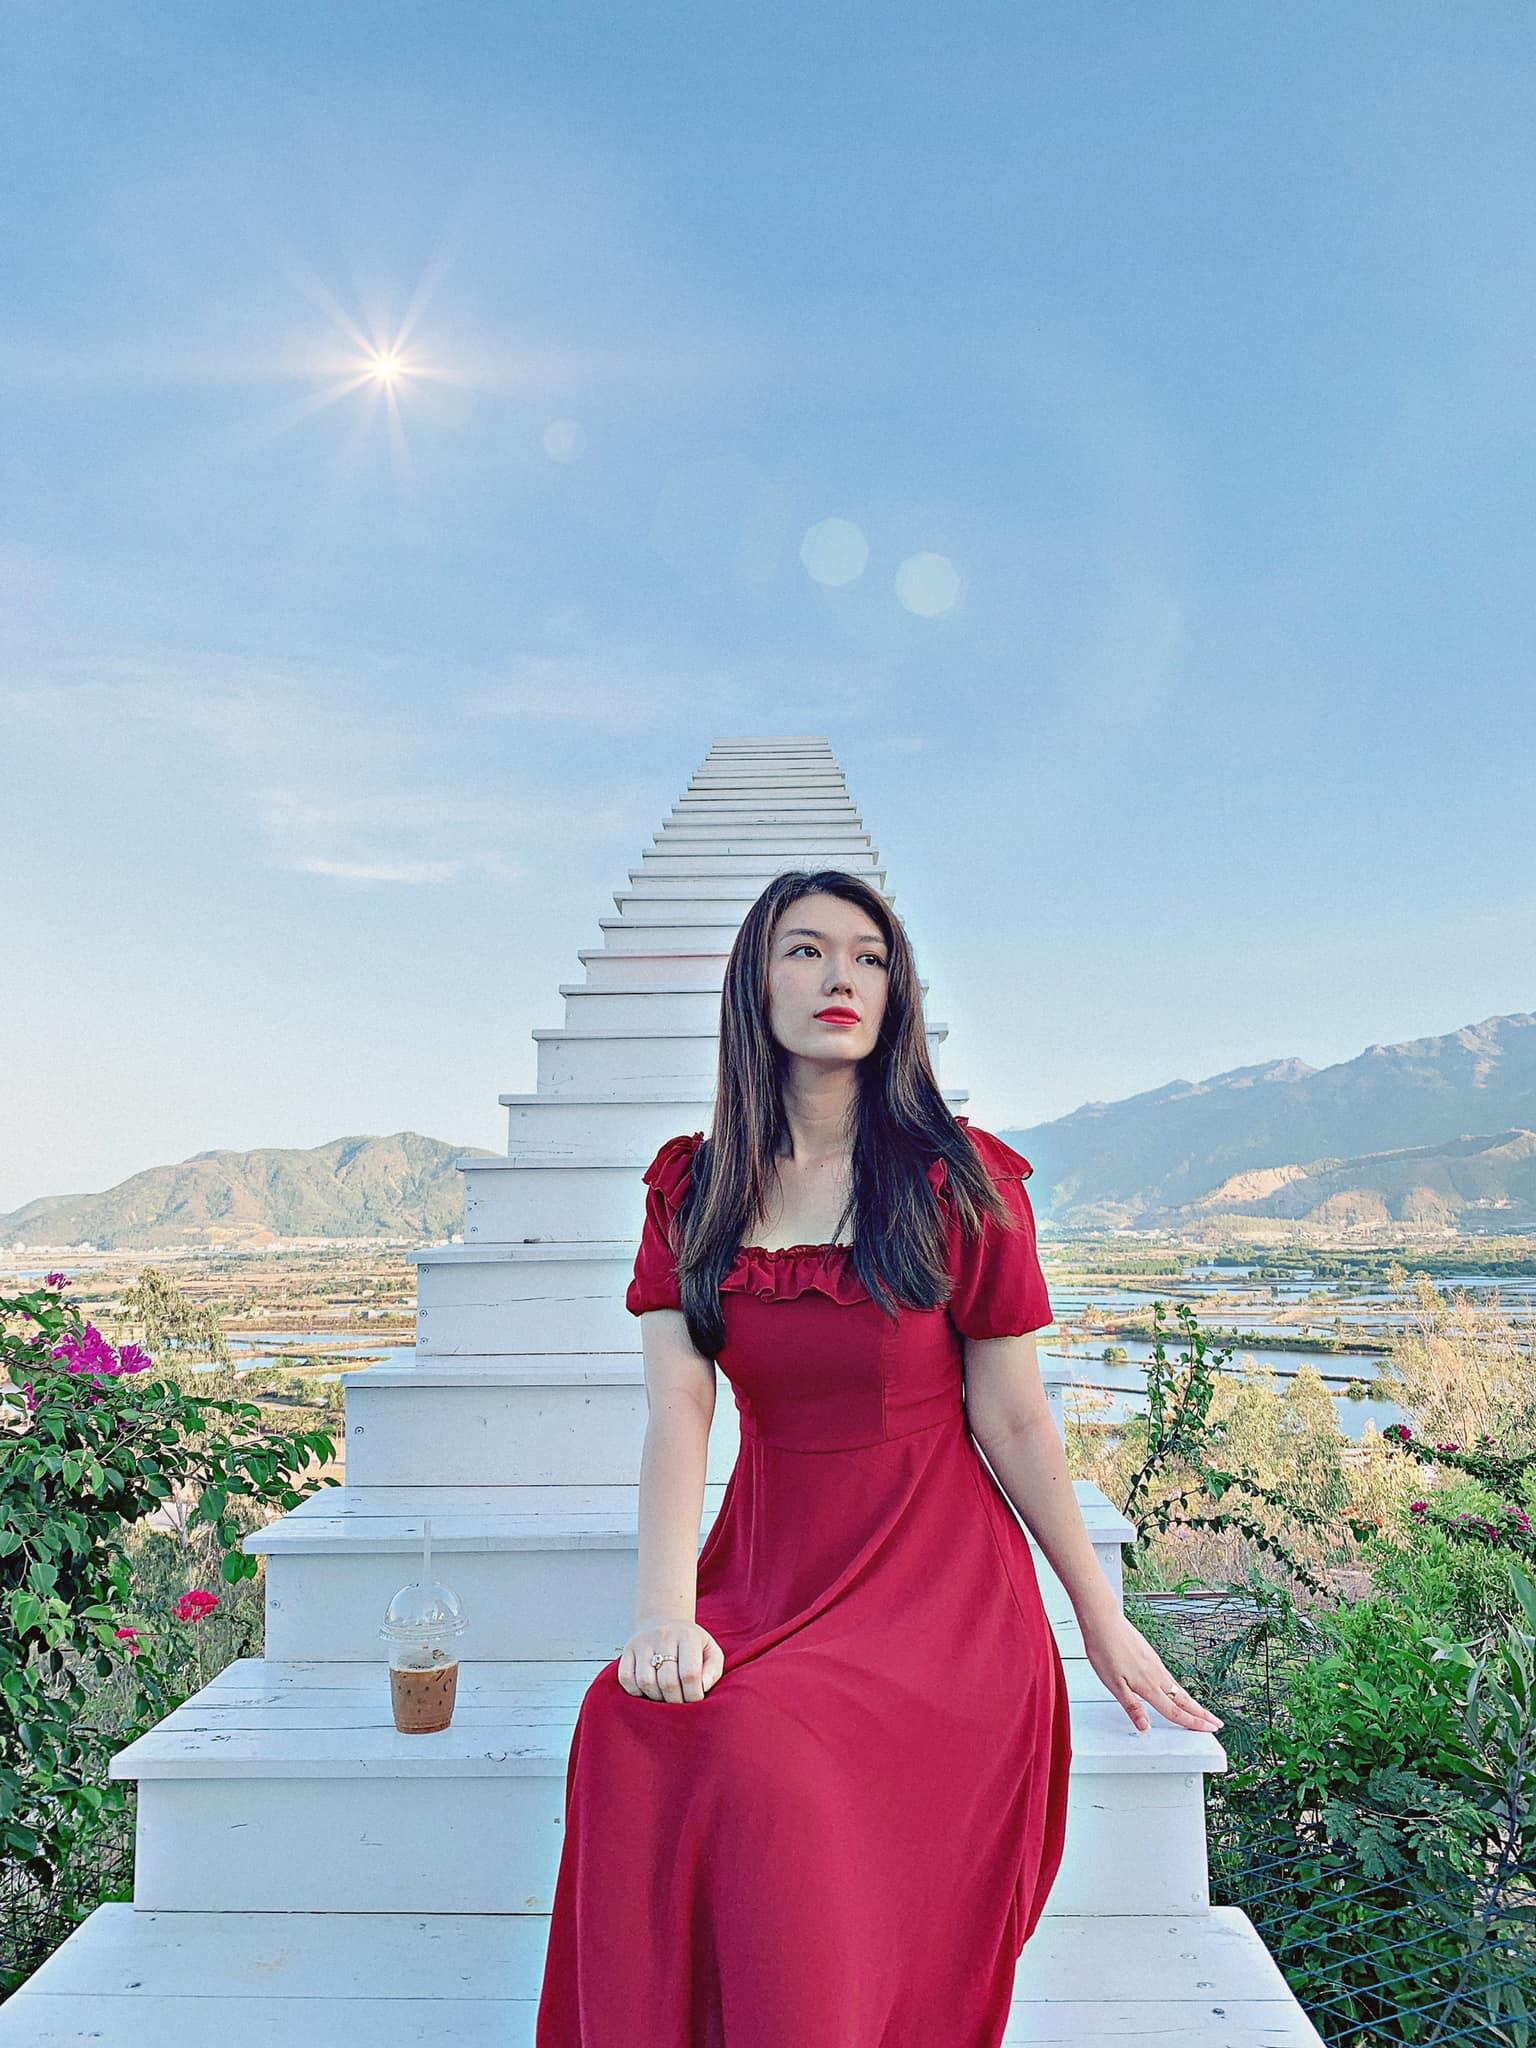 Tour du lịch Nha Trang khởi hành từ Hà Nội: Giảm giá sốc nhiều gói tour trong dịp hè này  - Ảnh 19.